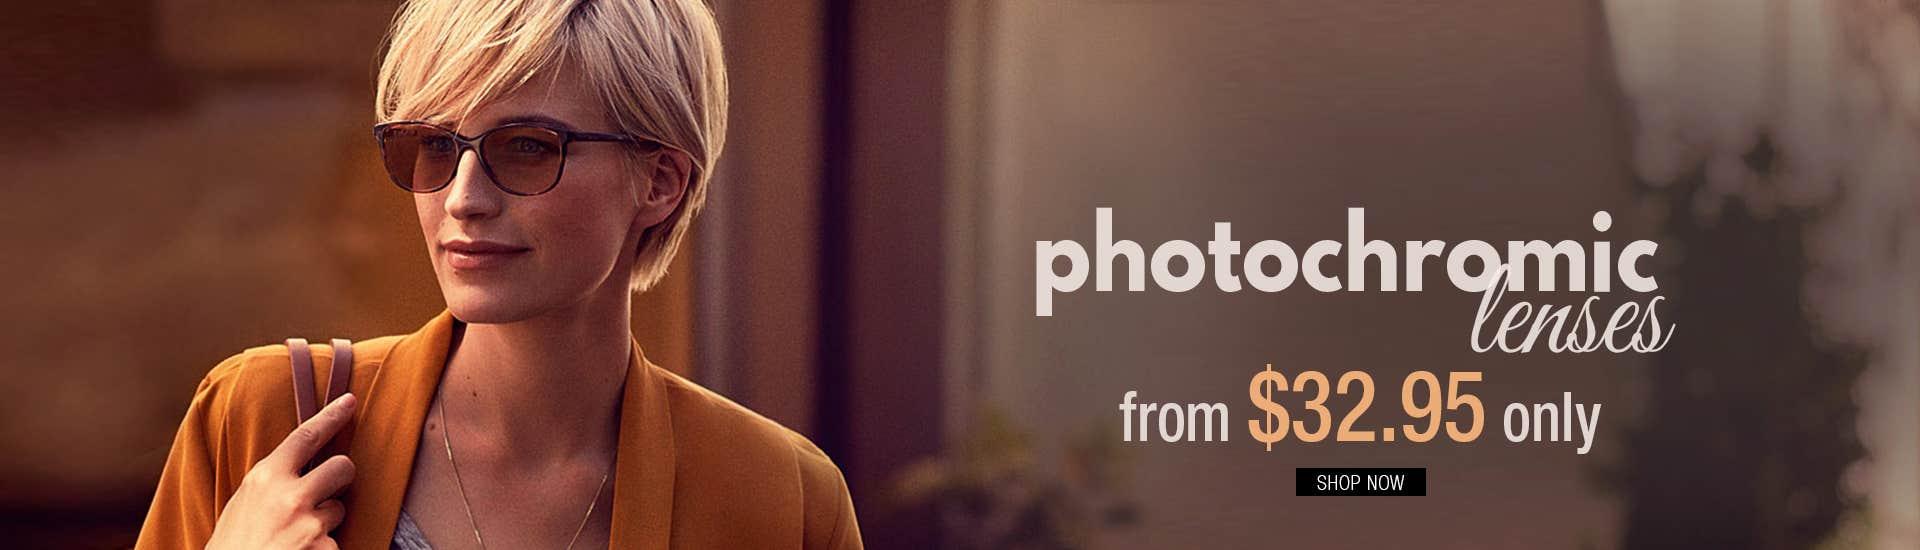 Buy Photochromic Lenses